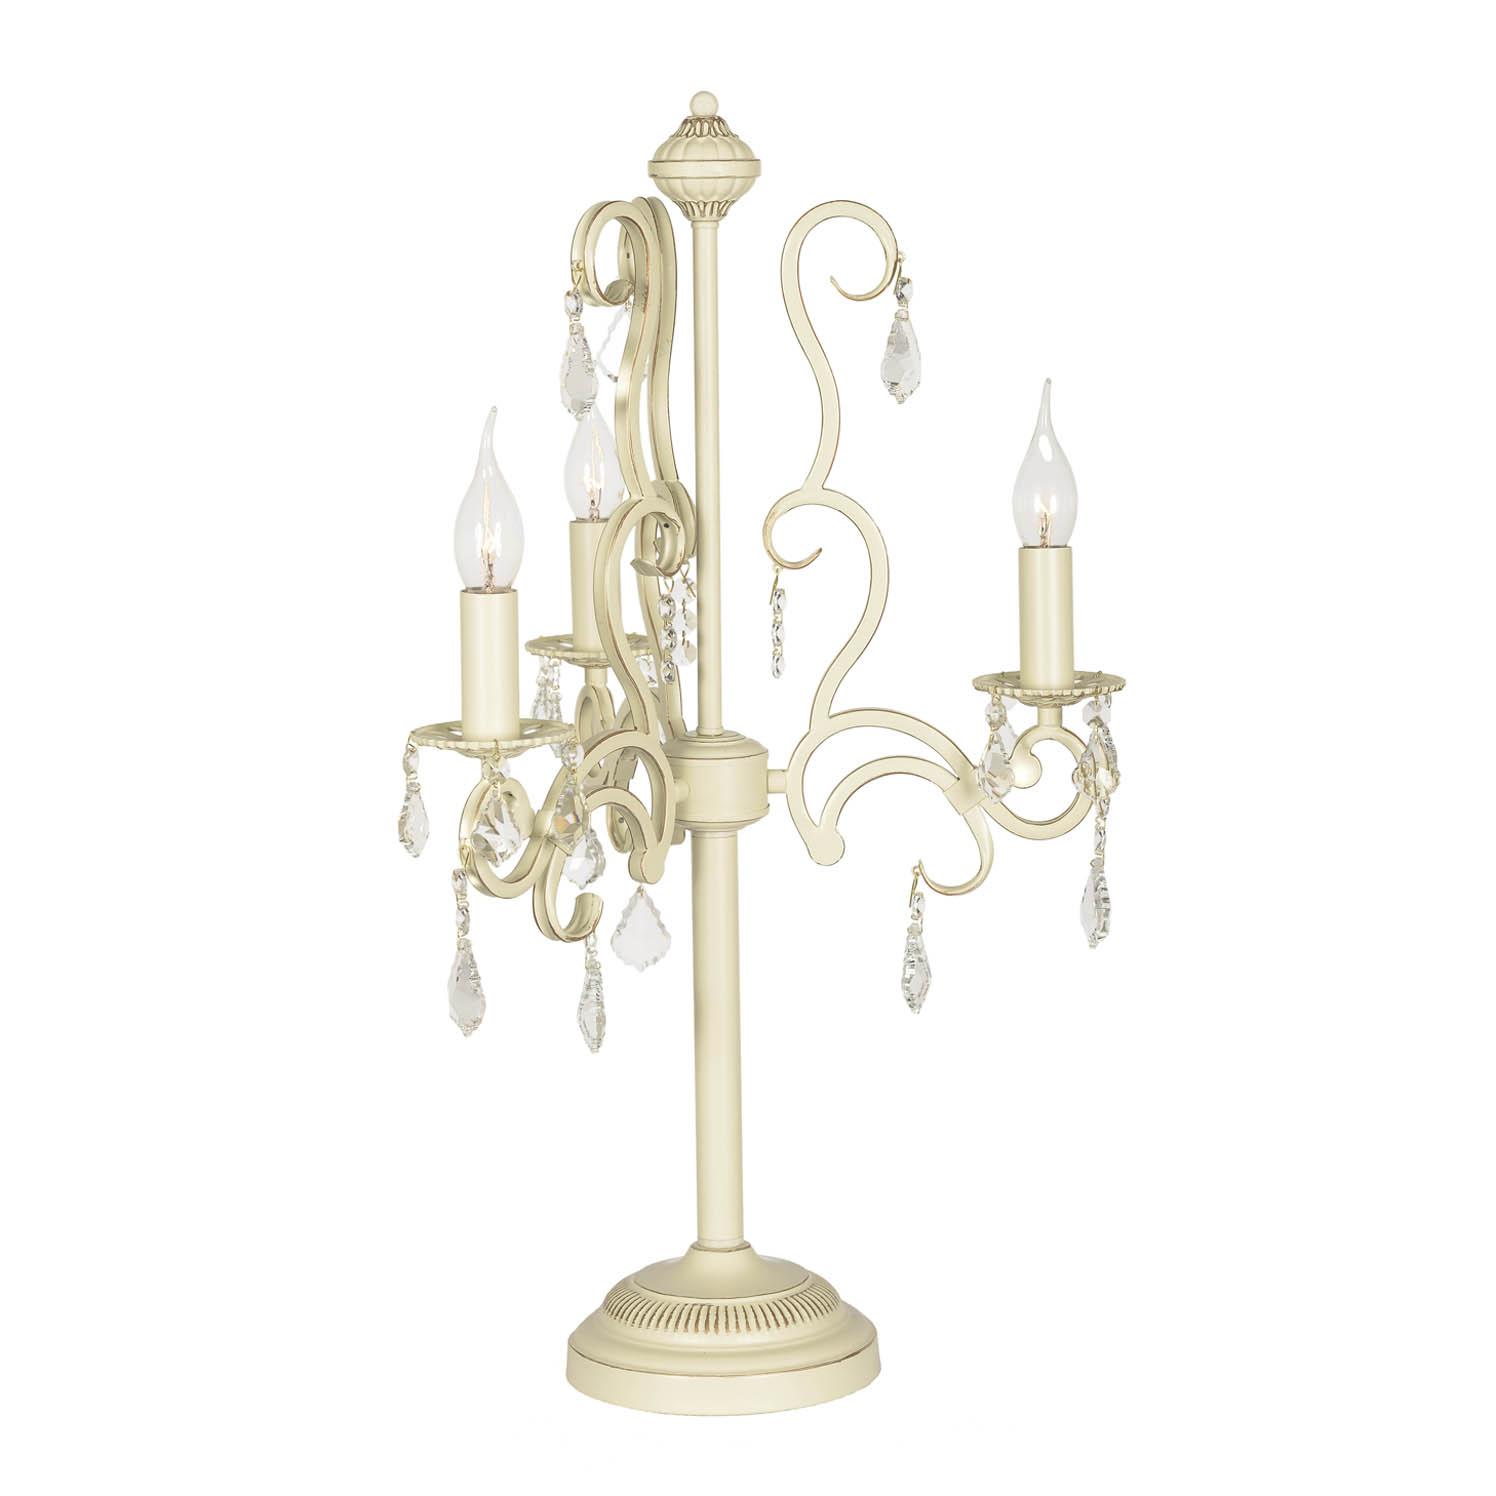 Лампа настольная хрустальная Arti Lampadari GIOIA E 4.3.602 CG настольная лампа arti lampadari gioia e 4 3 602 cg